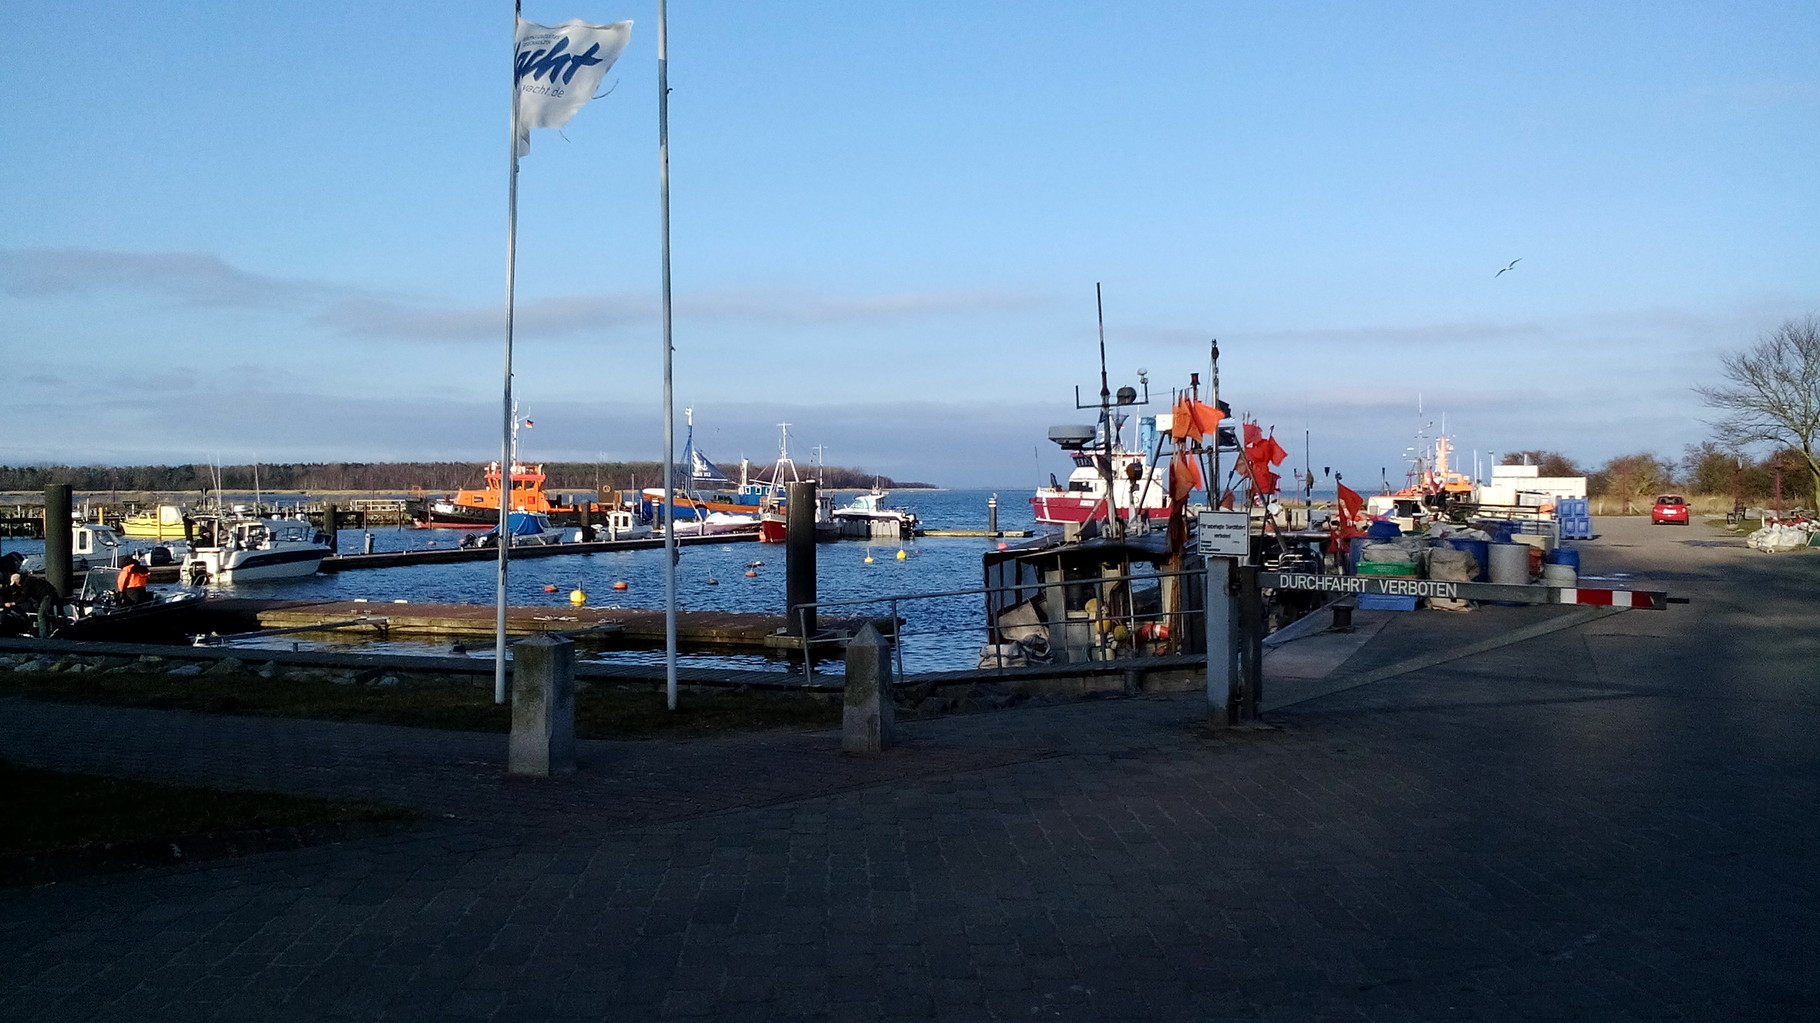 Der Hafen von Barhöft